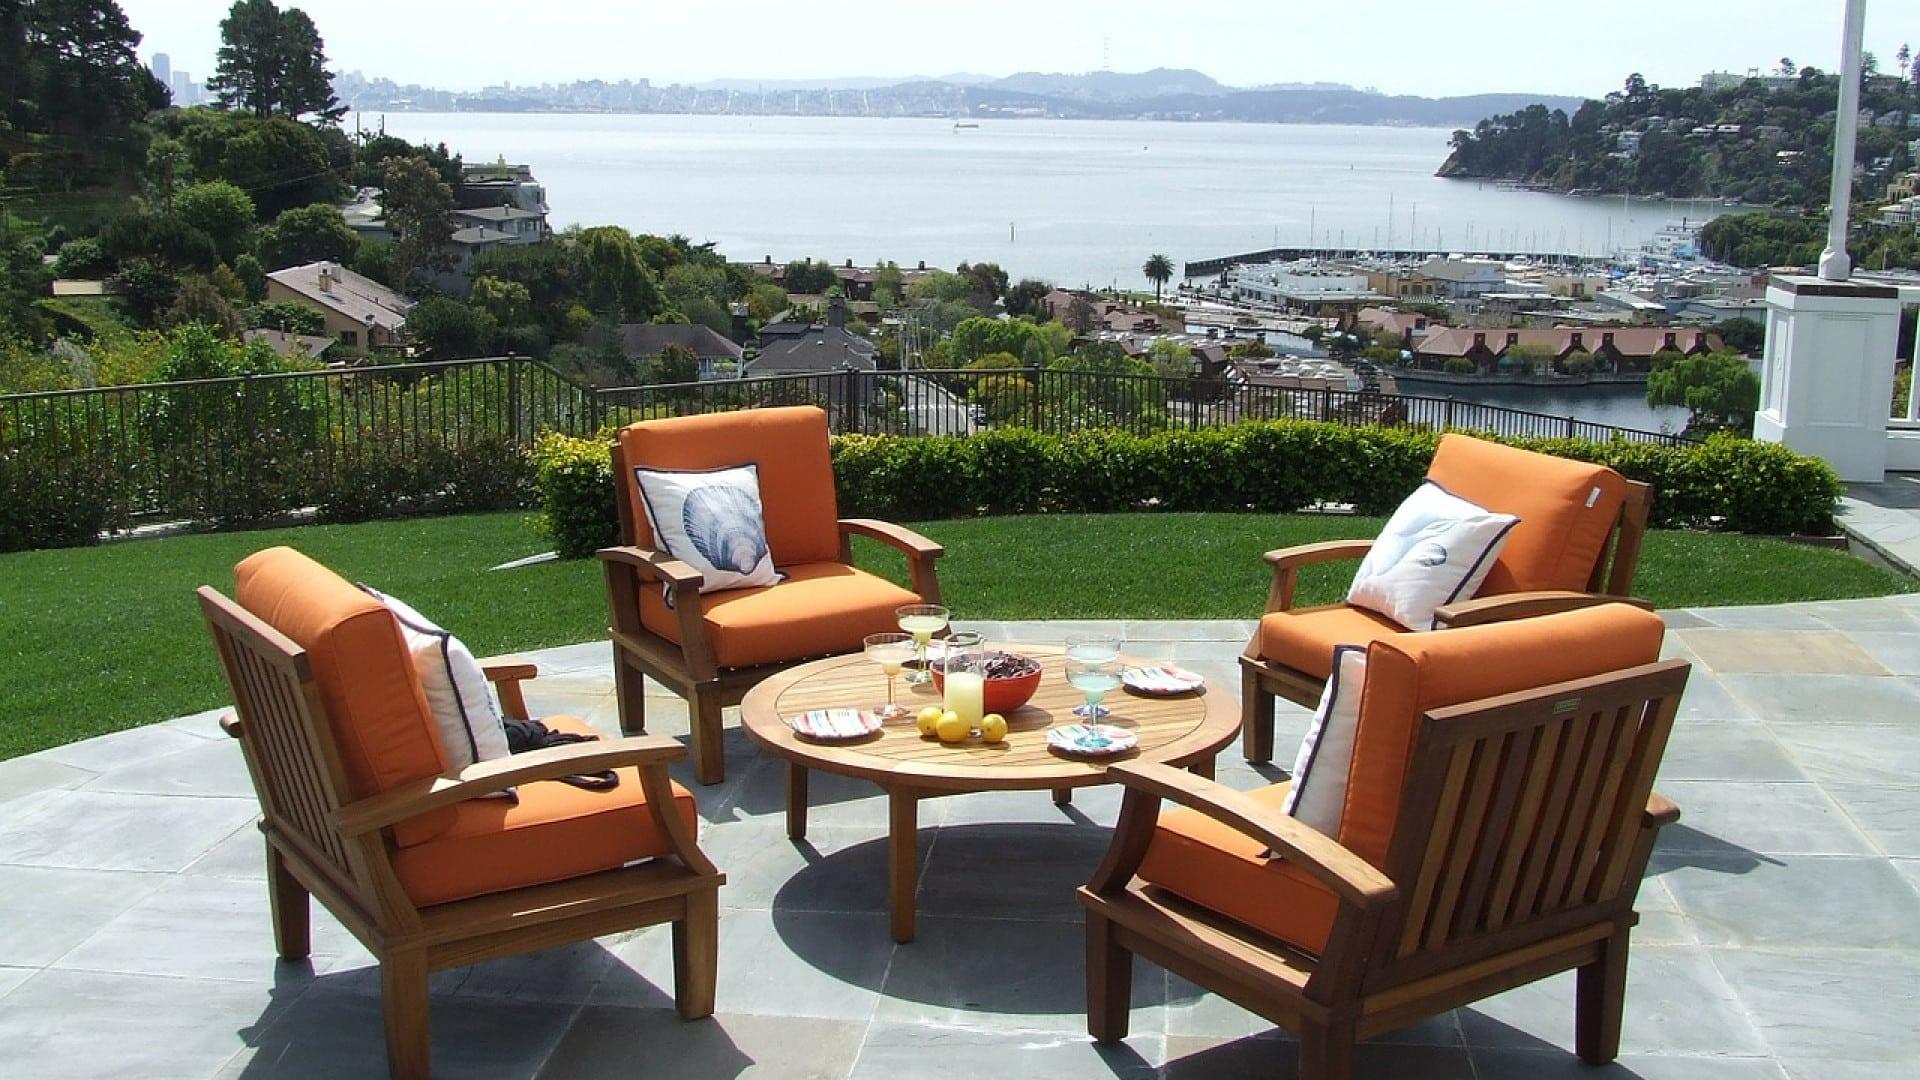 Comment bien choisir ses chaises de jardin